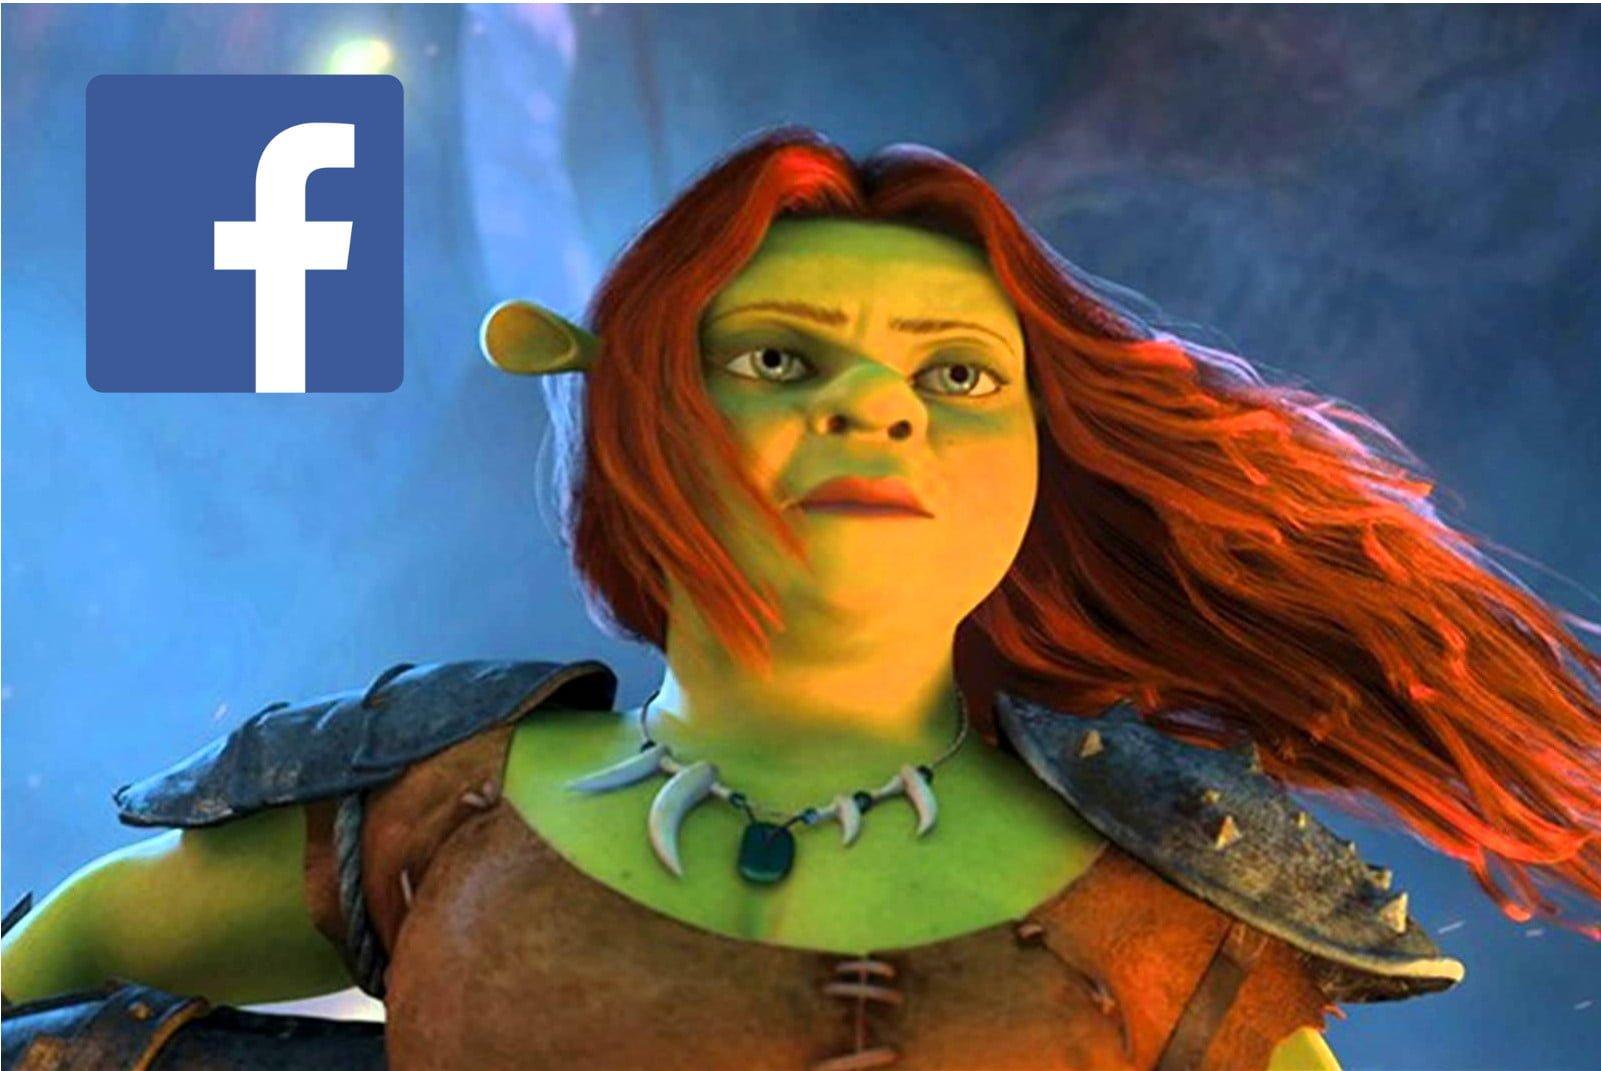 Fiona i Aloha będą inteligentnymi głośnikami od Facebooka. Aż strach myśleć, ile danych zbiorą 16